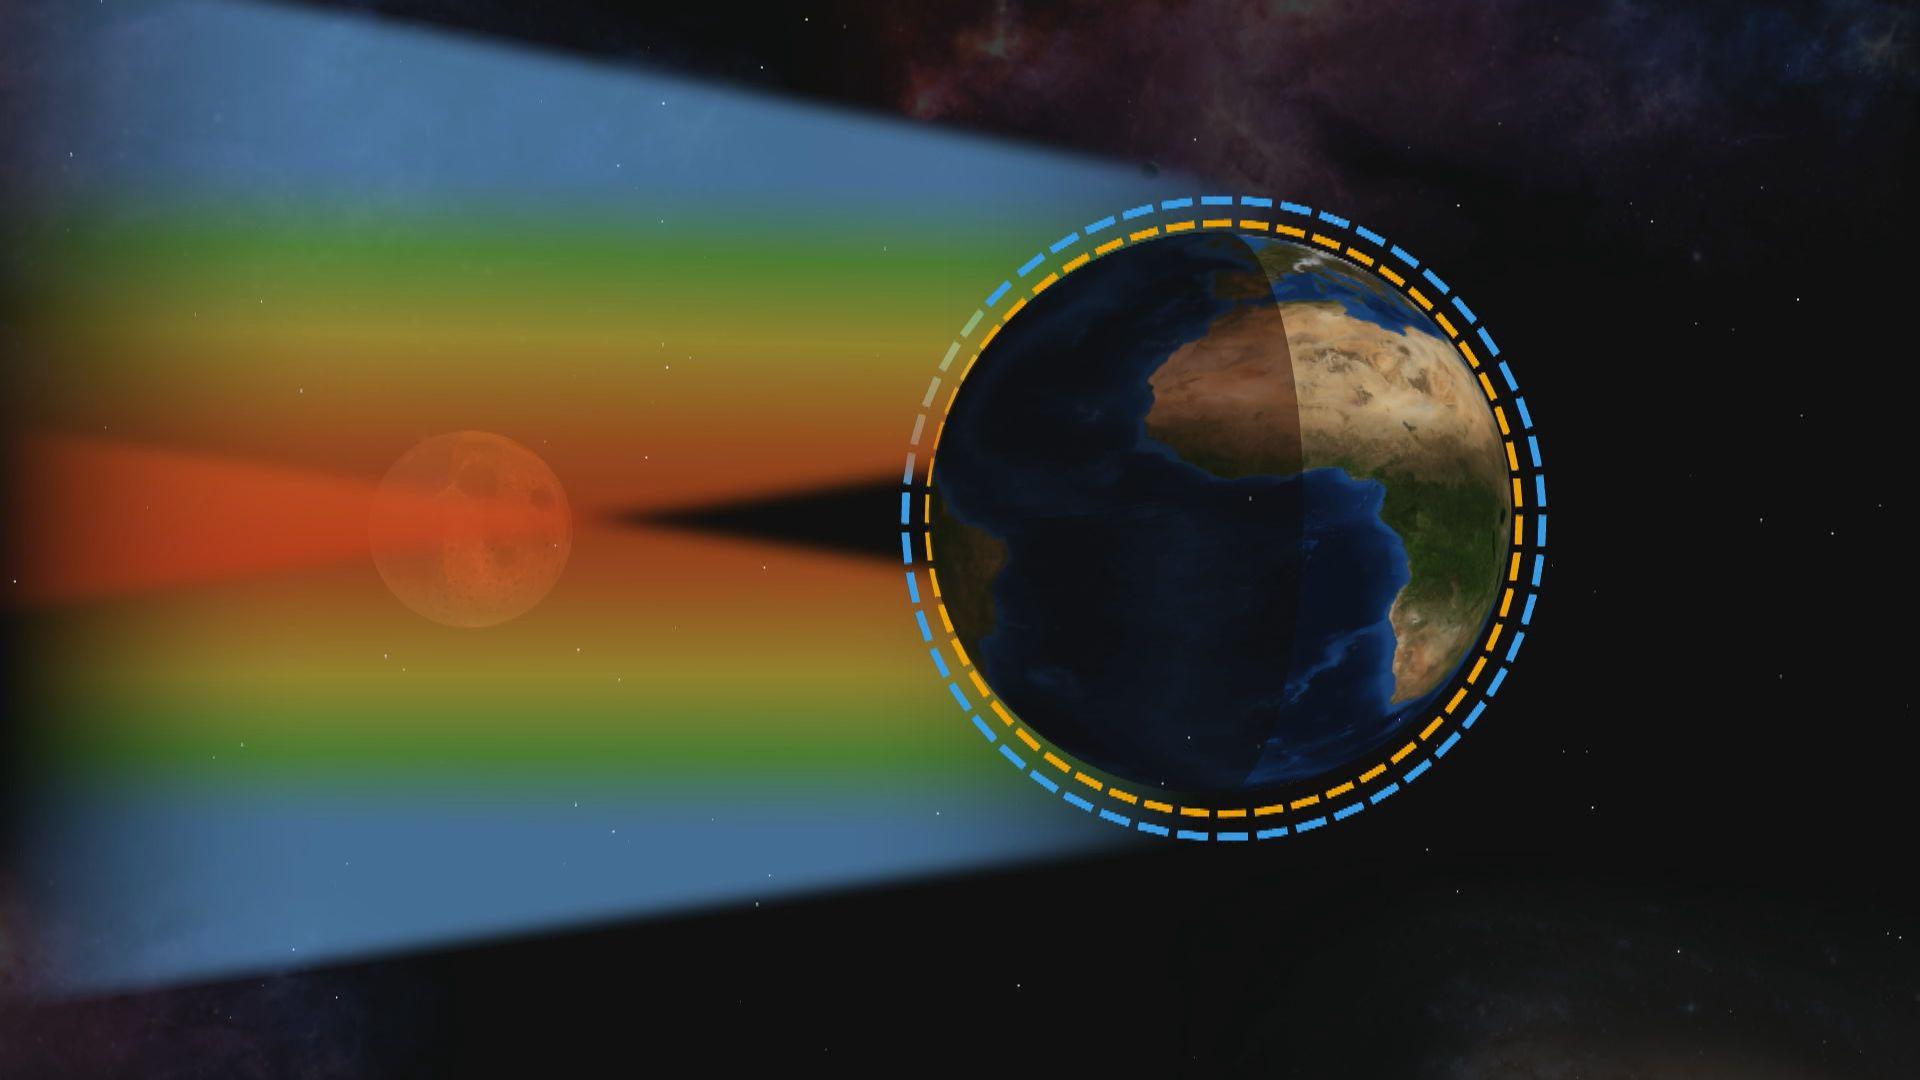 月全食及超級月亮將於明晚同時出現 可到東南面觀賞